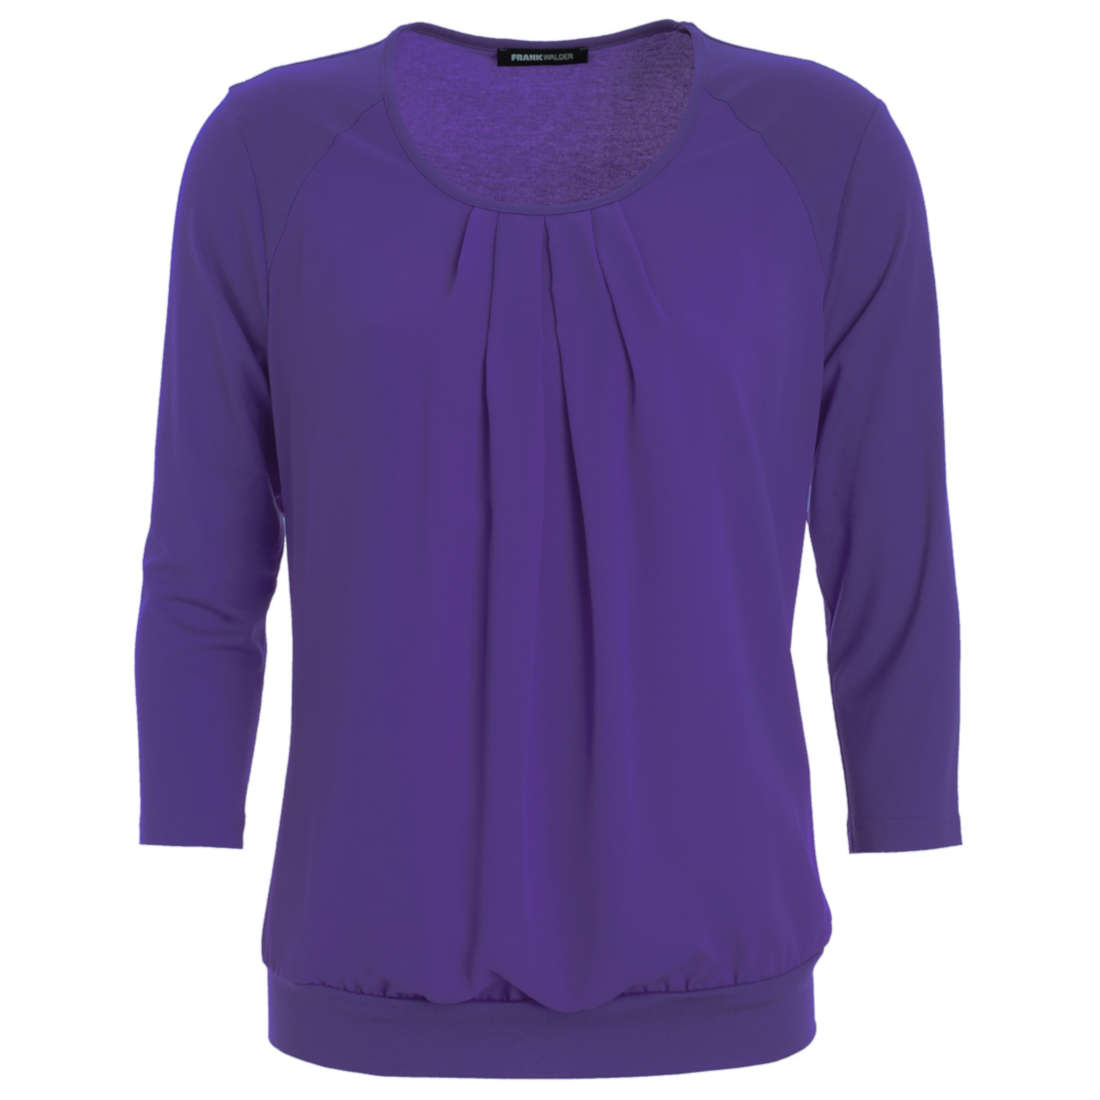 Frank Walder t-shirt 621440 in het Lavendel